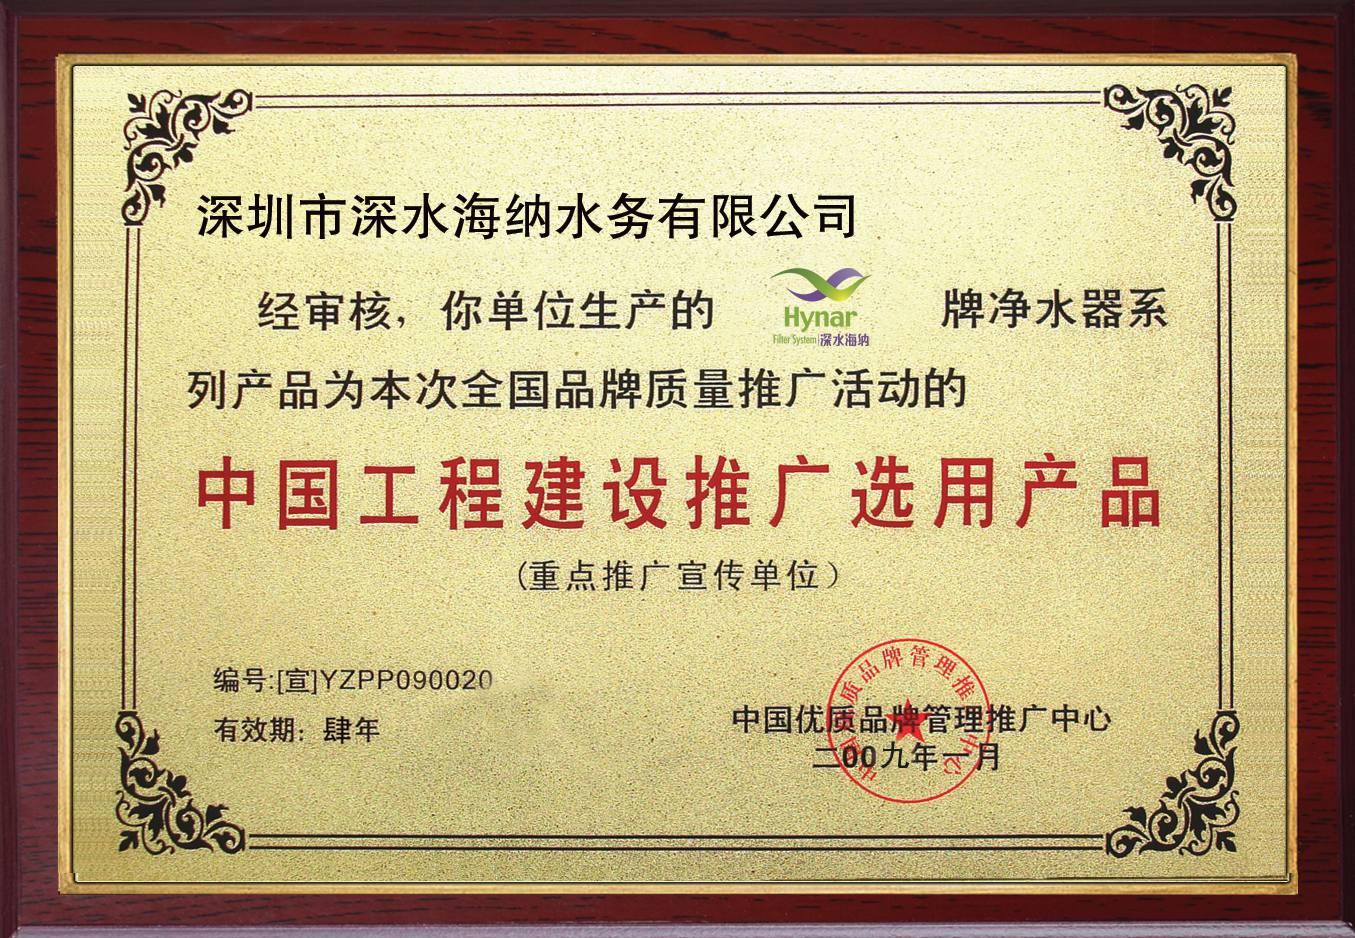 中国工程建设推广选用产品